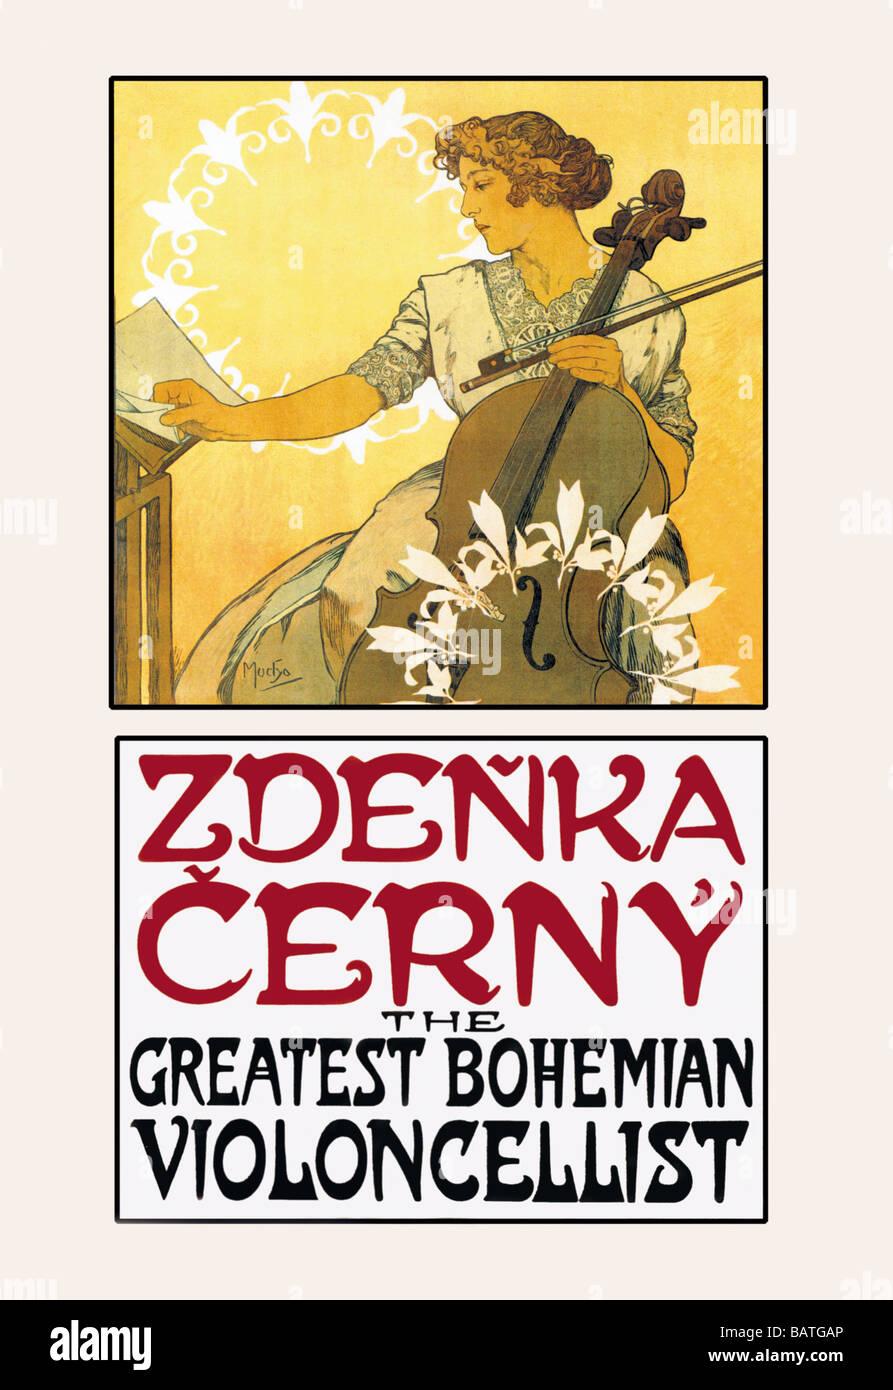 Zdenka Cerny: Die größten böhmischen Cellisten Stockfoto